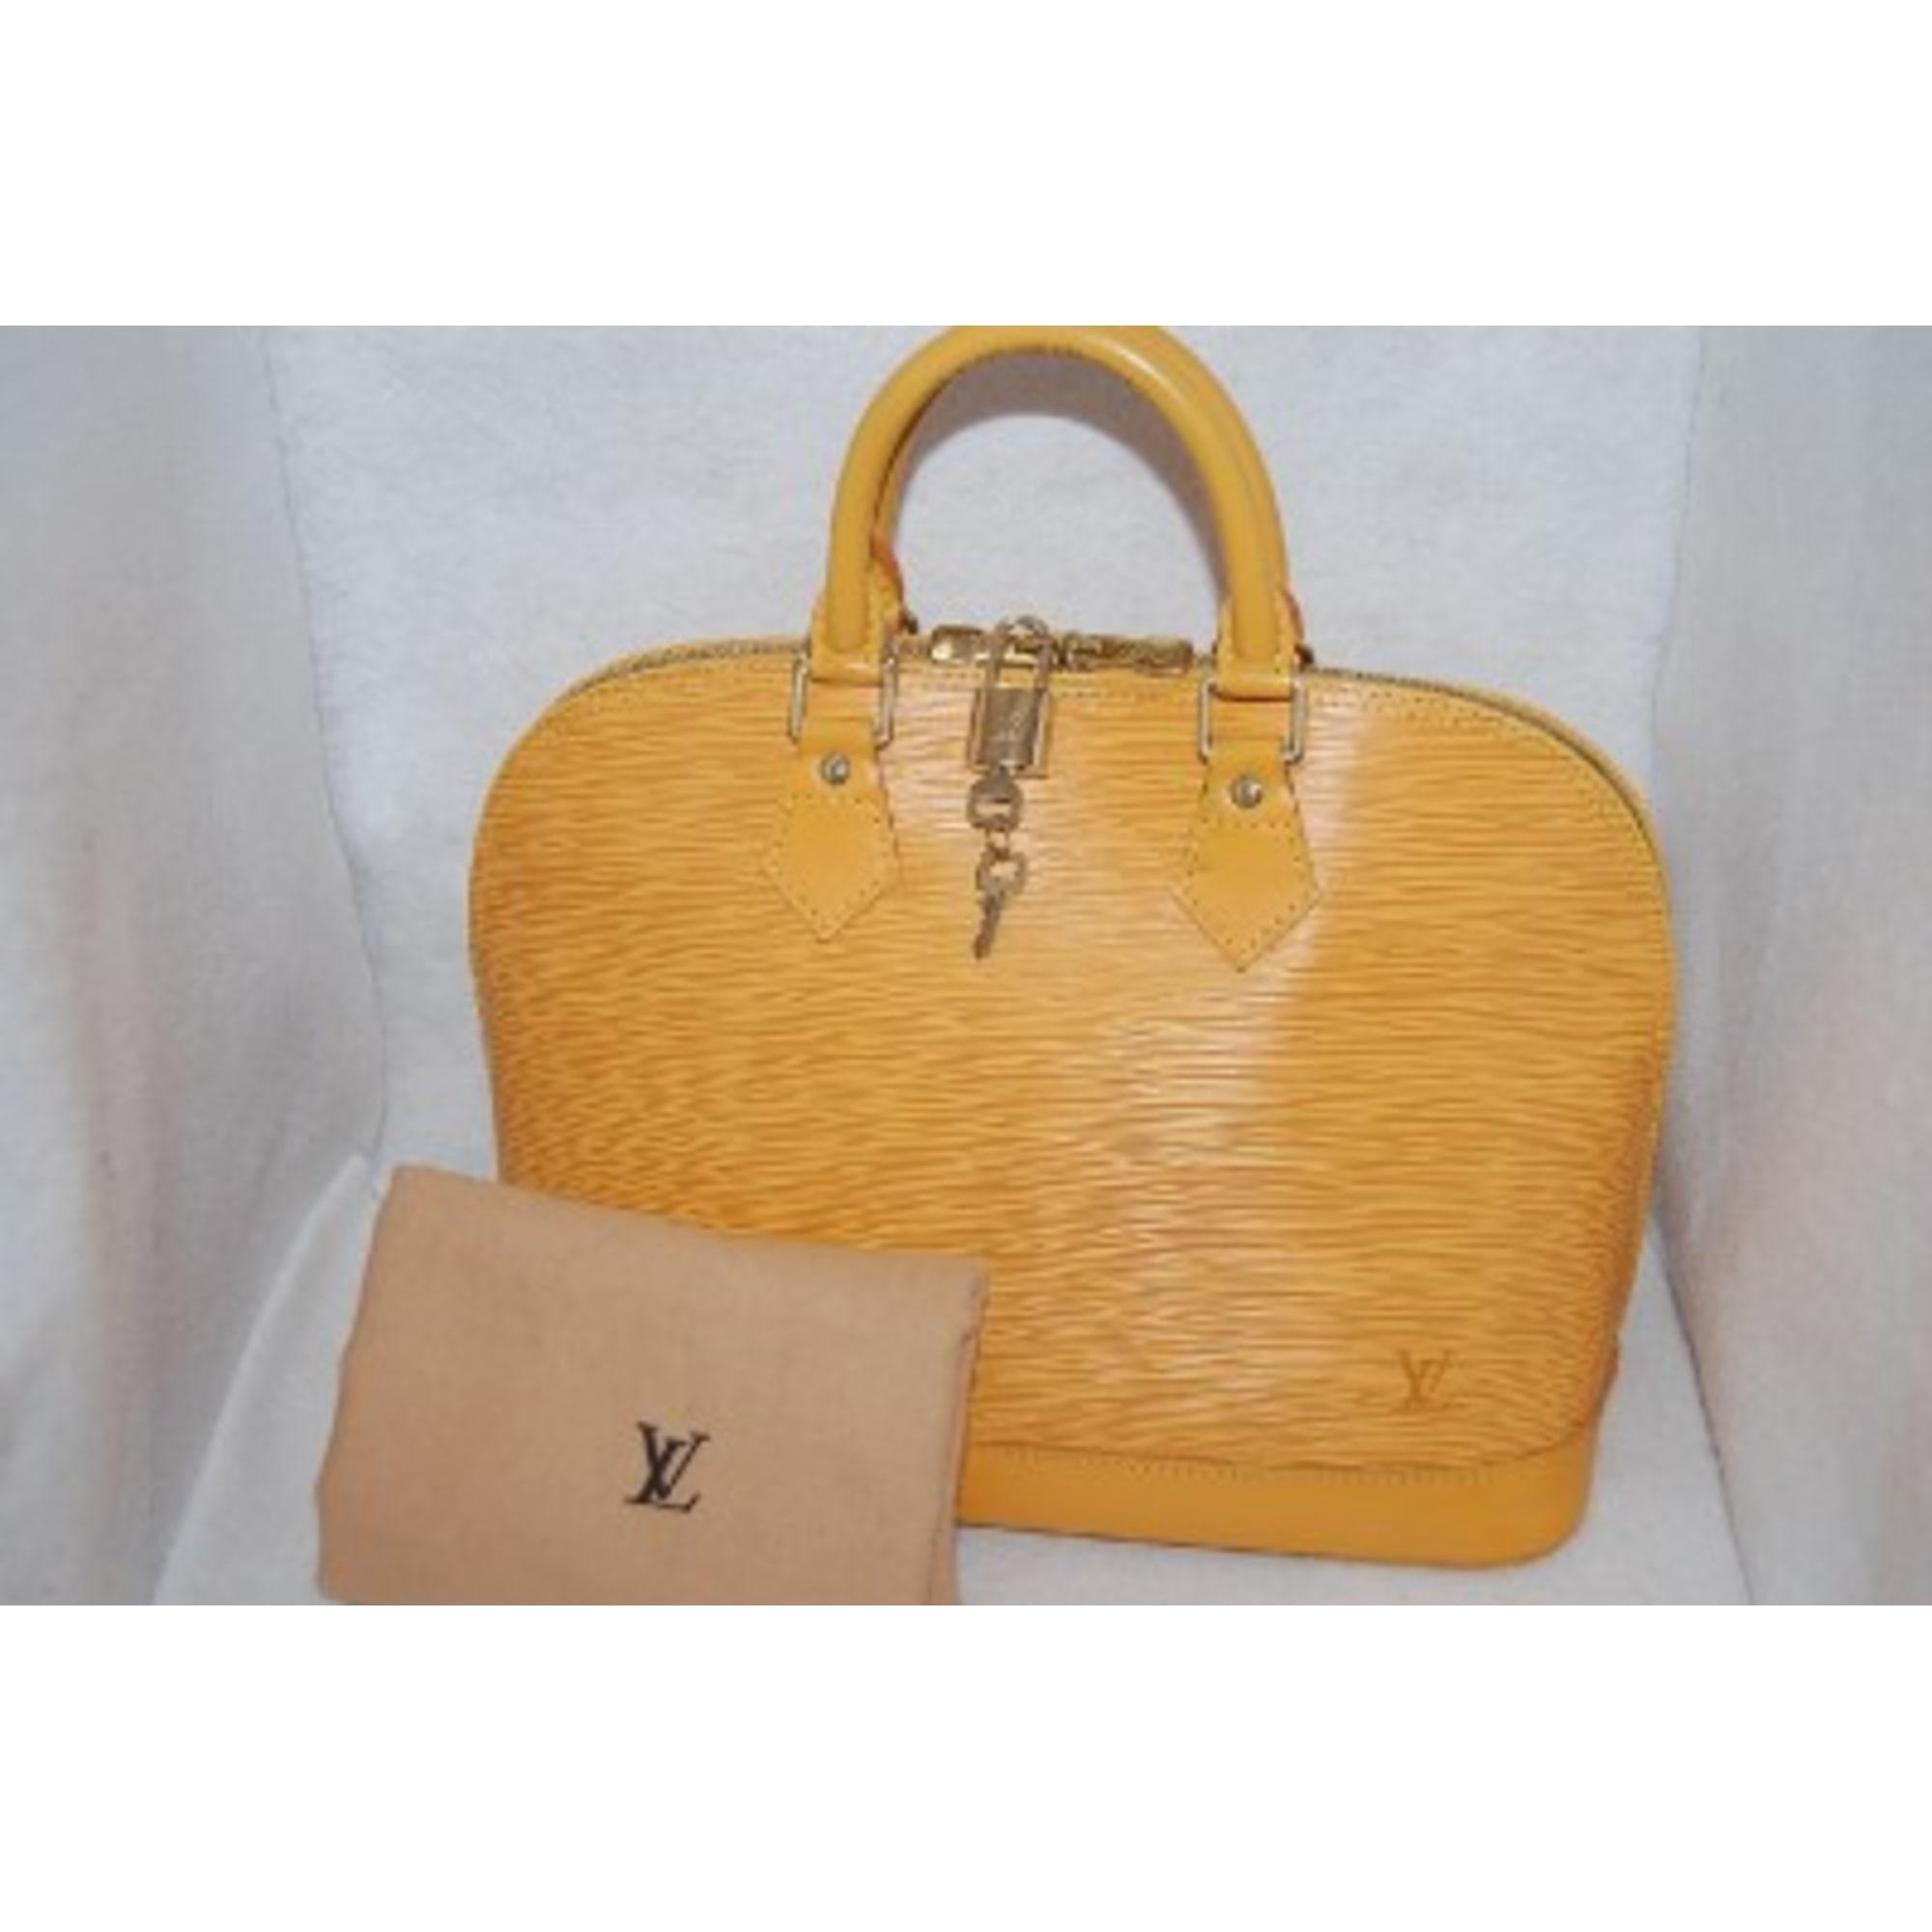 bdd7deaa08 Sac à main en cuir LOUIS VUITTON jaune vendu par La boutique de mode ...